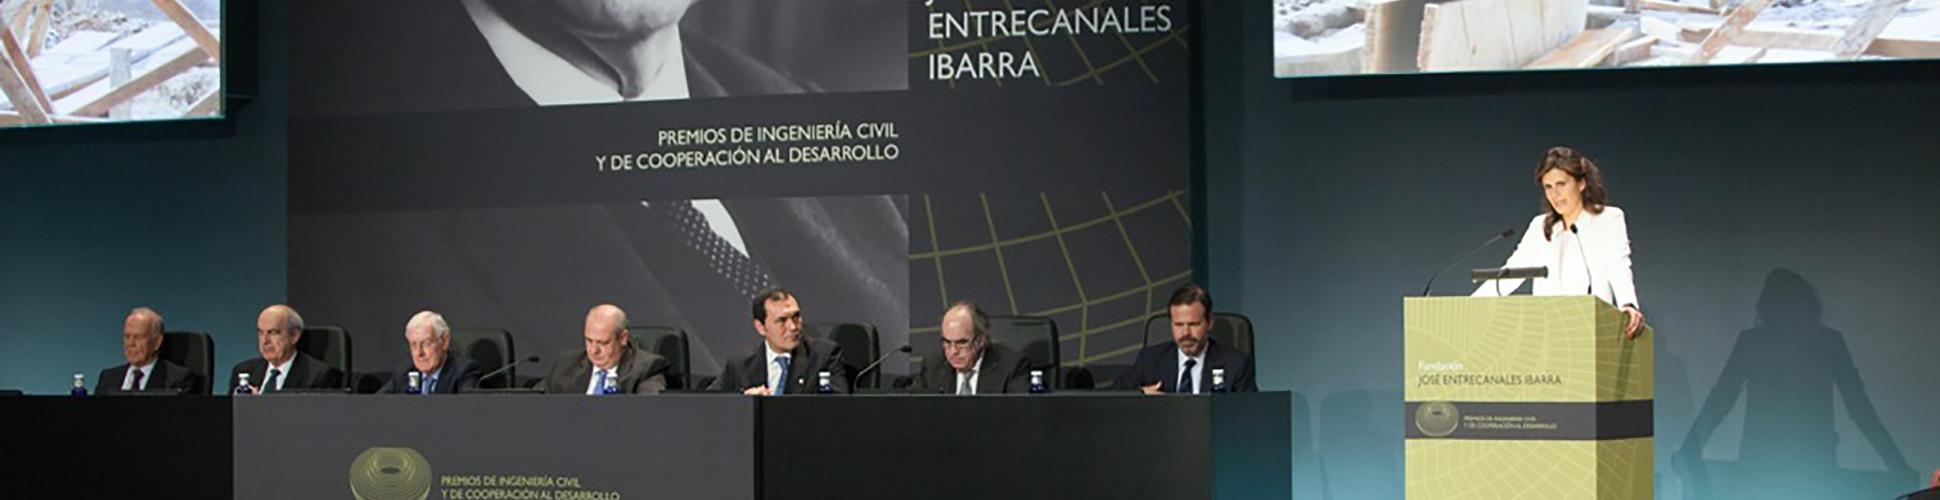 Ceremonia-de-entrega-de-los-I-II-Premios-de-la-Fundación_slide